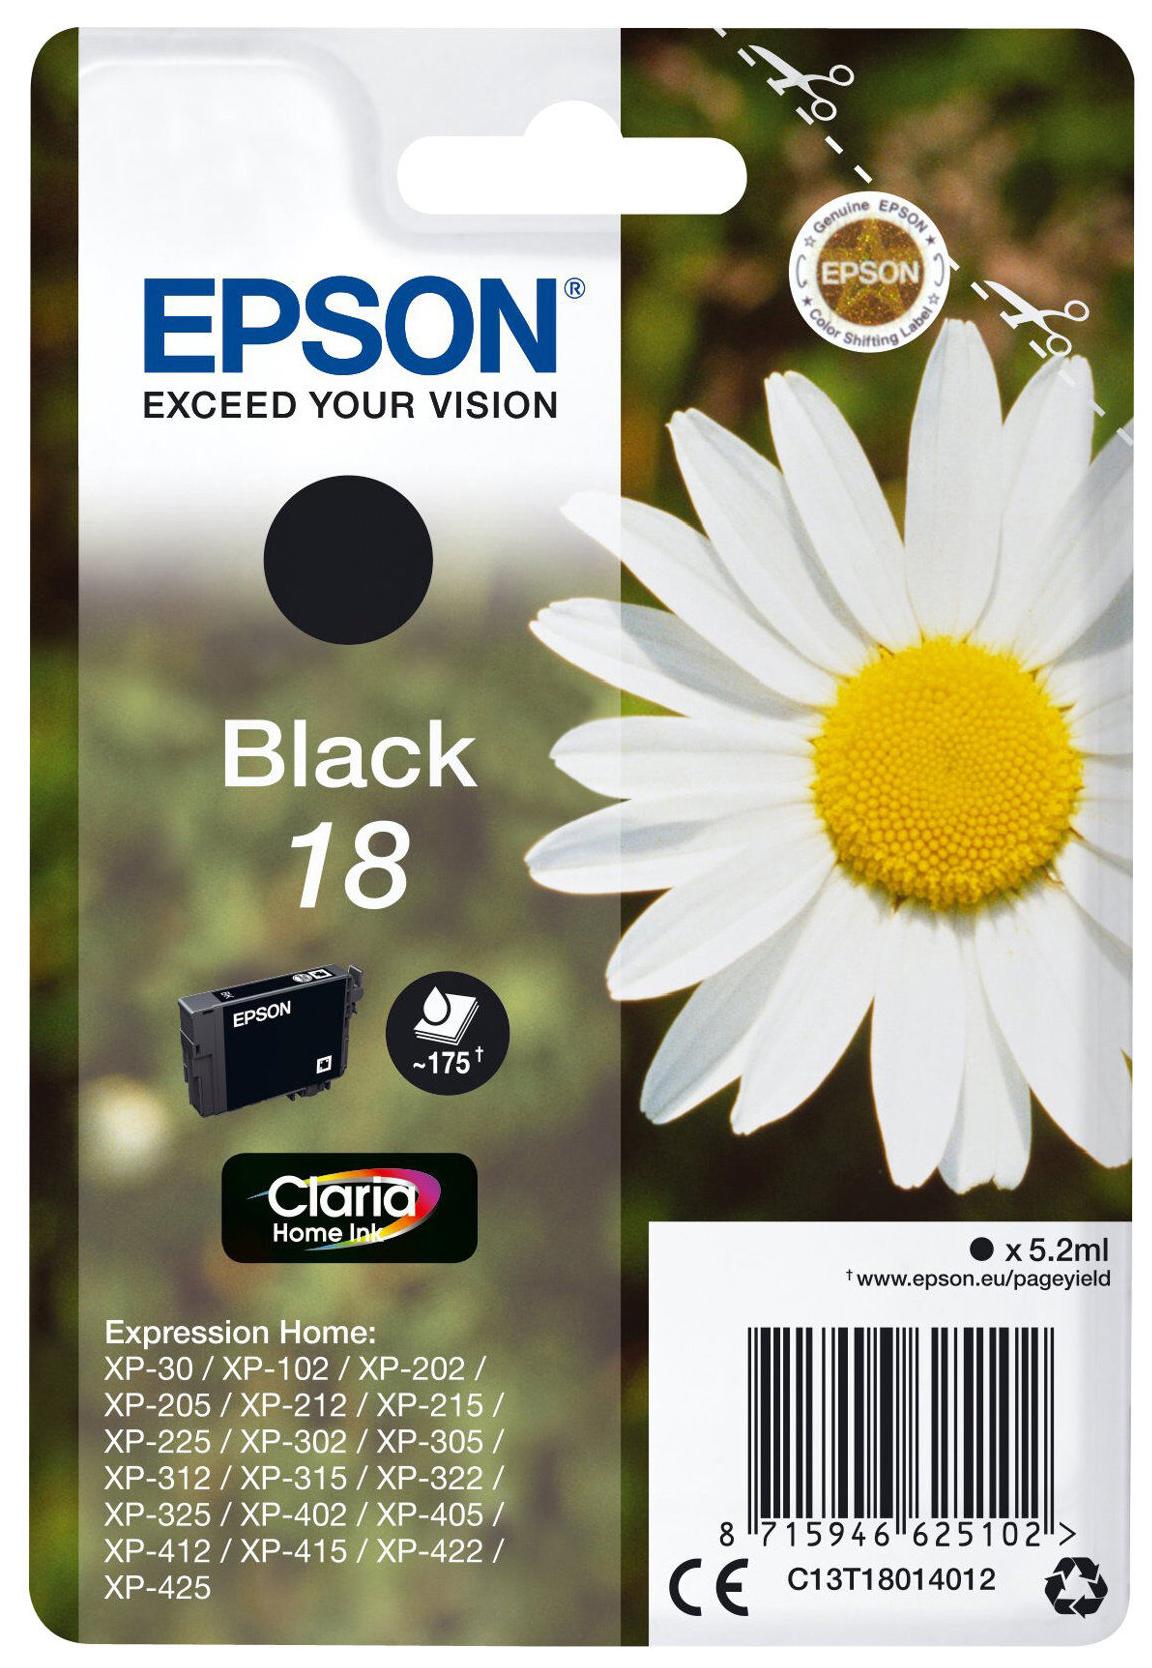 Epson 18 Pâquerette - noir - cartouche d'encre originale